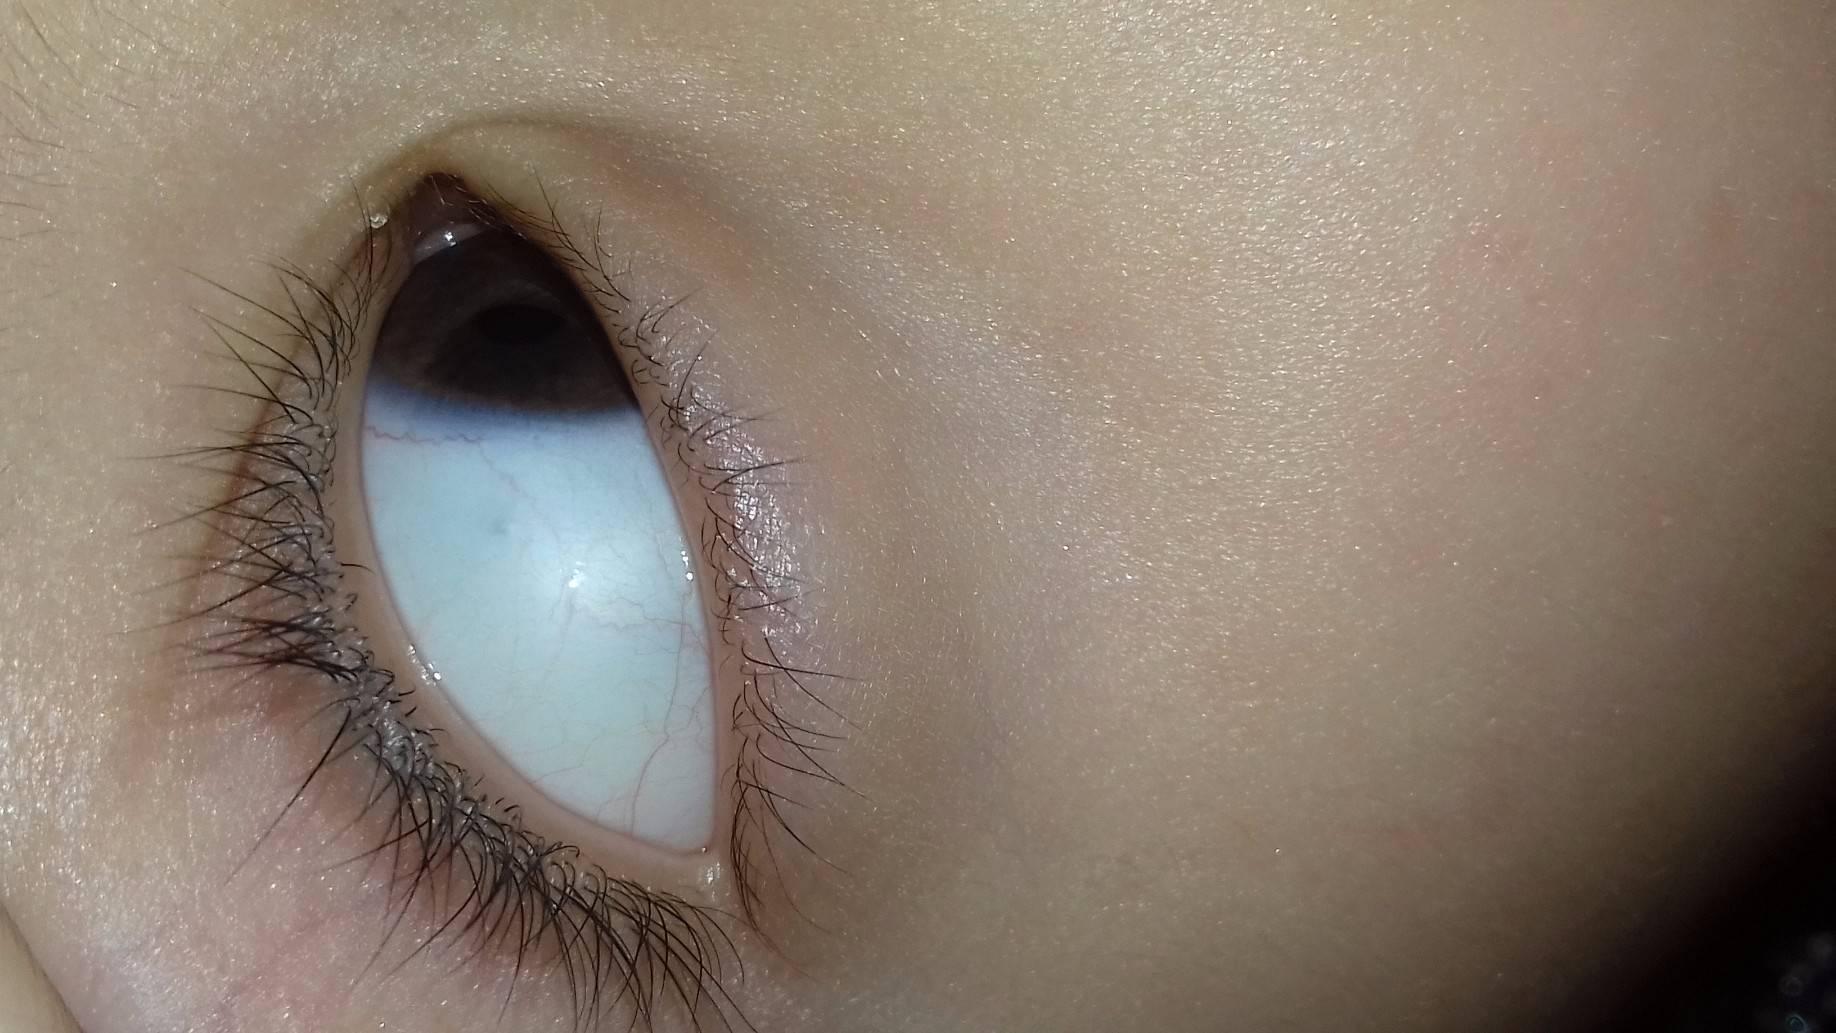 Голубые склеры глаз у ребенка. из-за чего бывают голубыми белки глаз? симптомы, диагностика и лечение